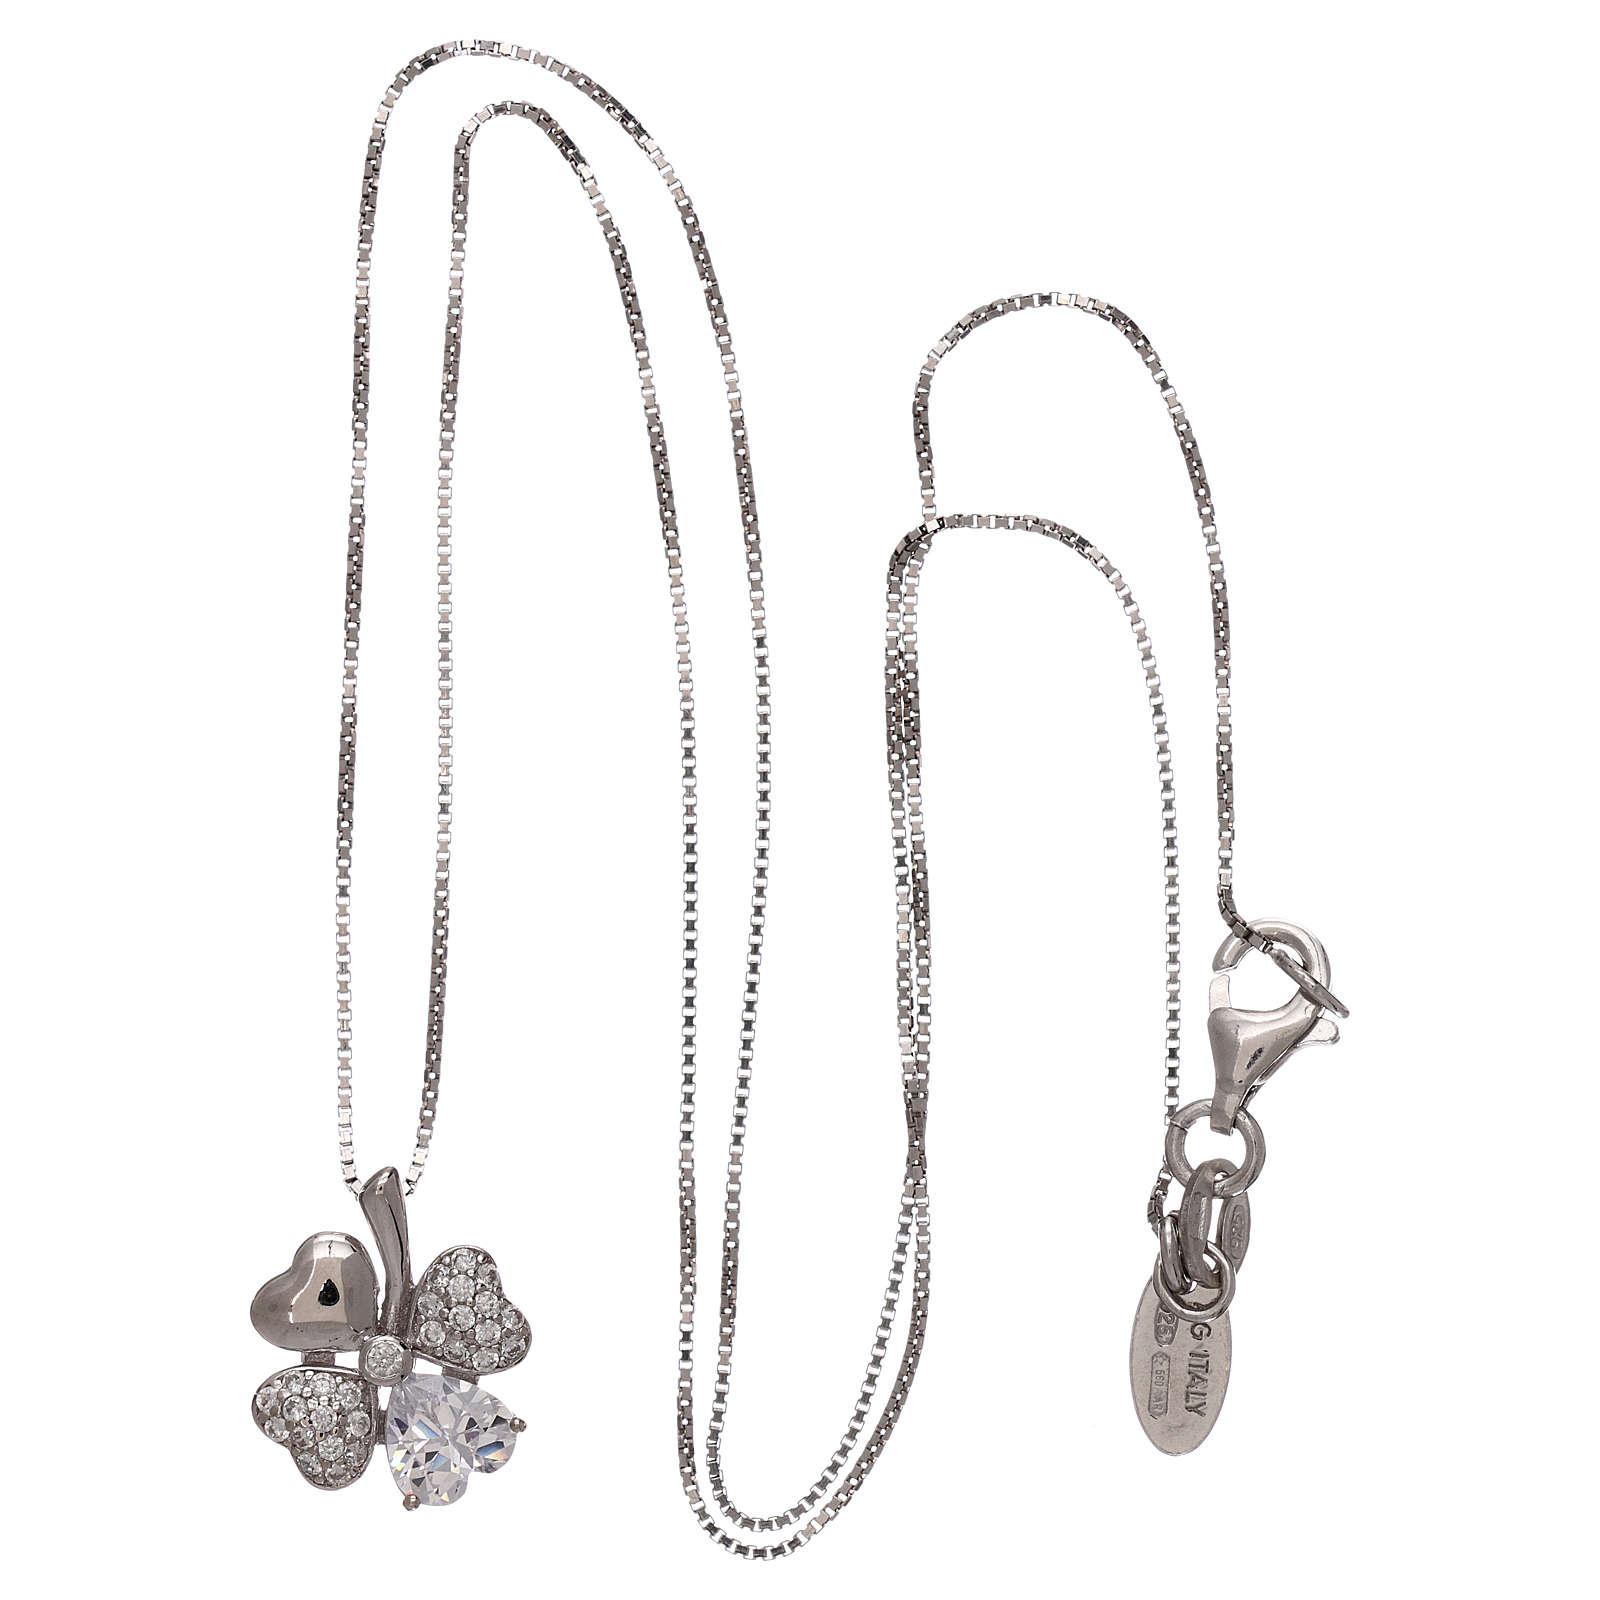 Colar prata 925 pingente trevo com zircões AMEN 4